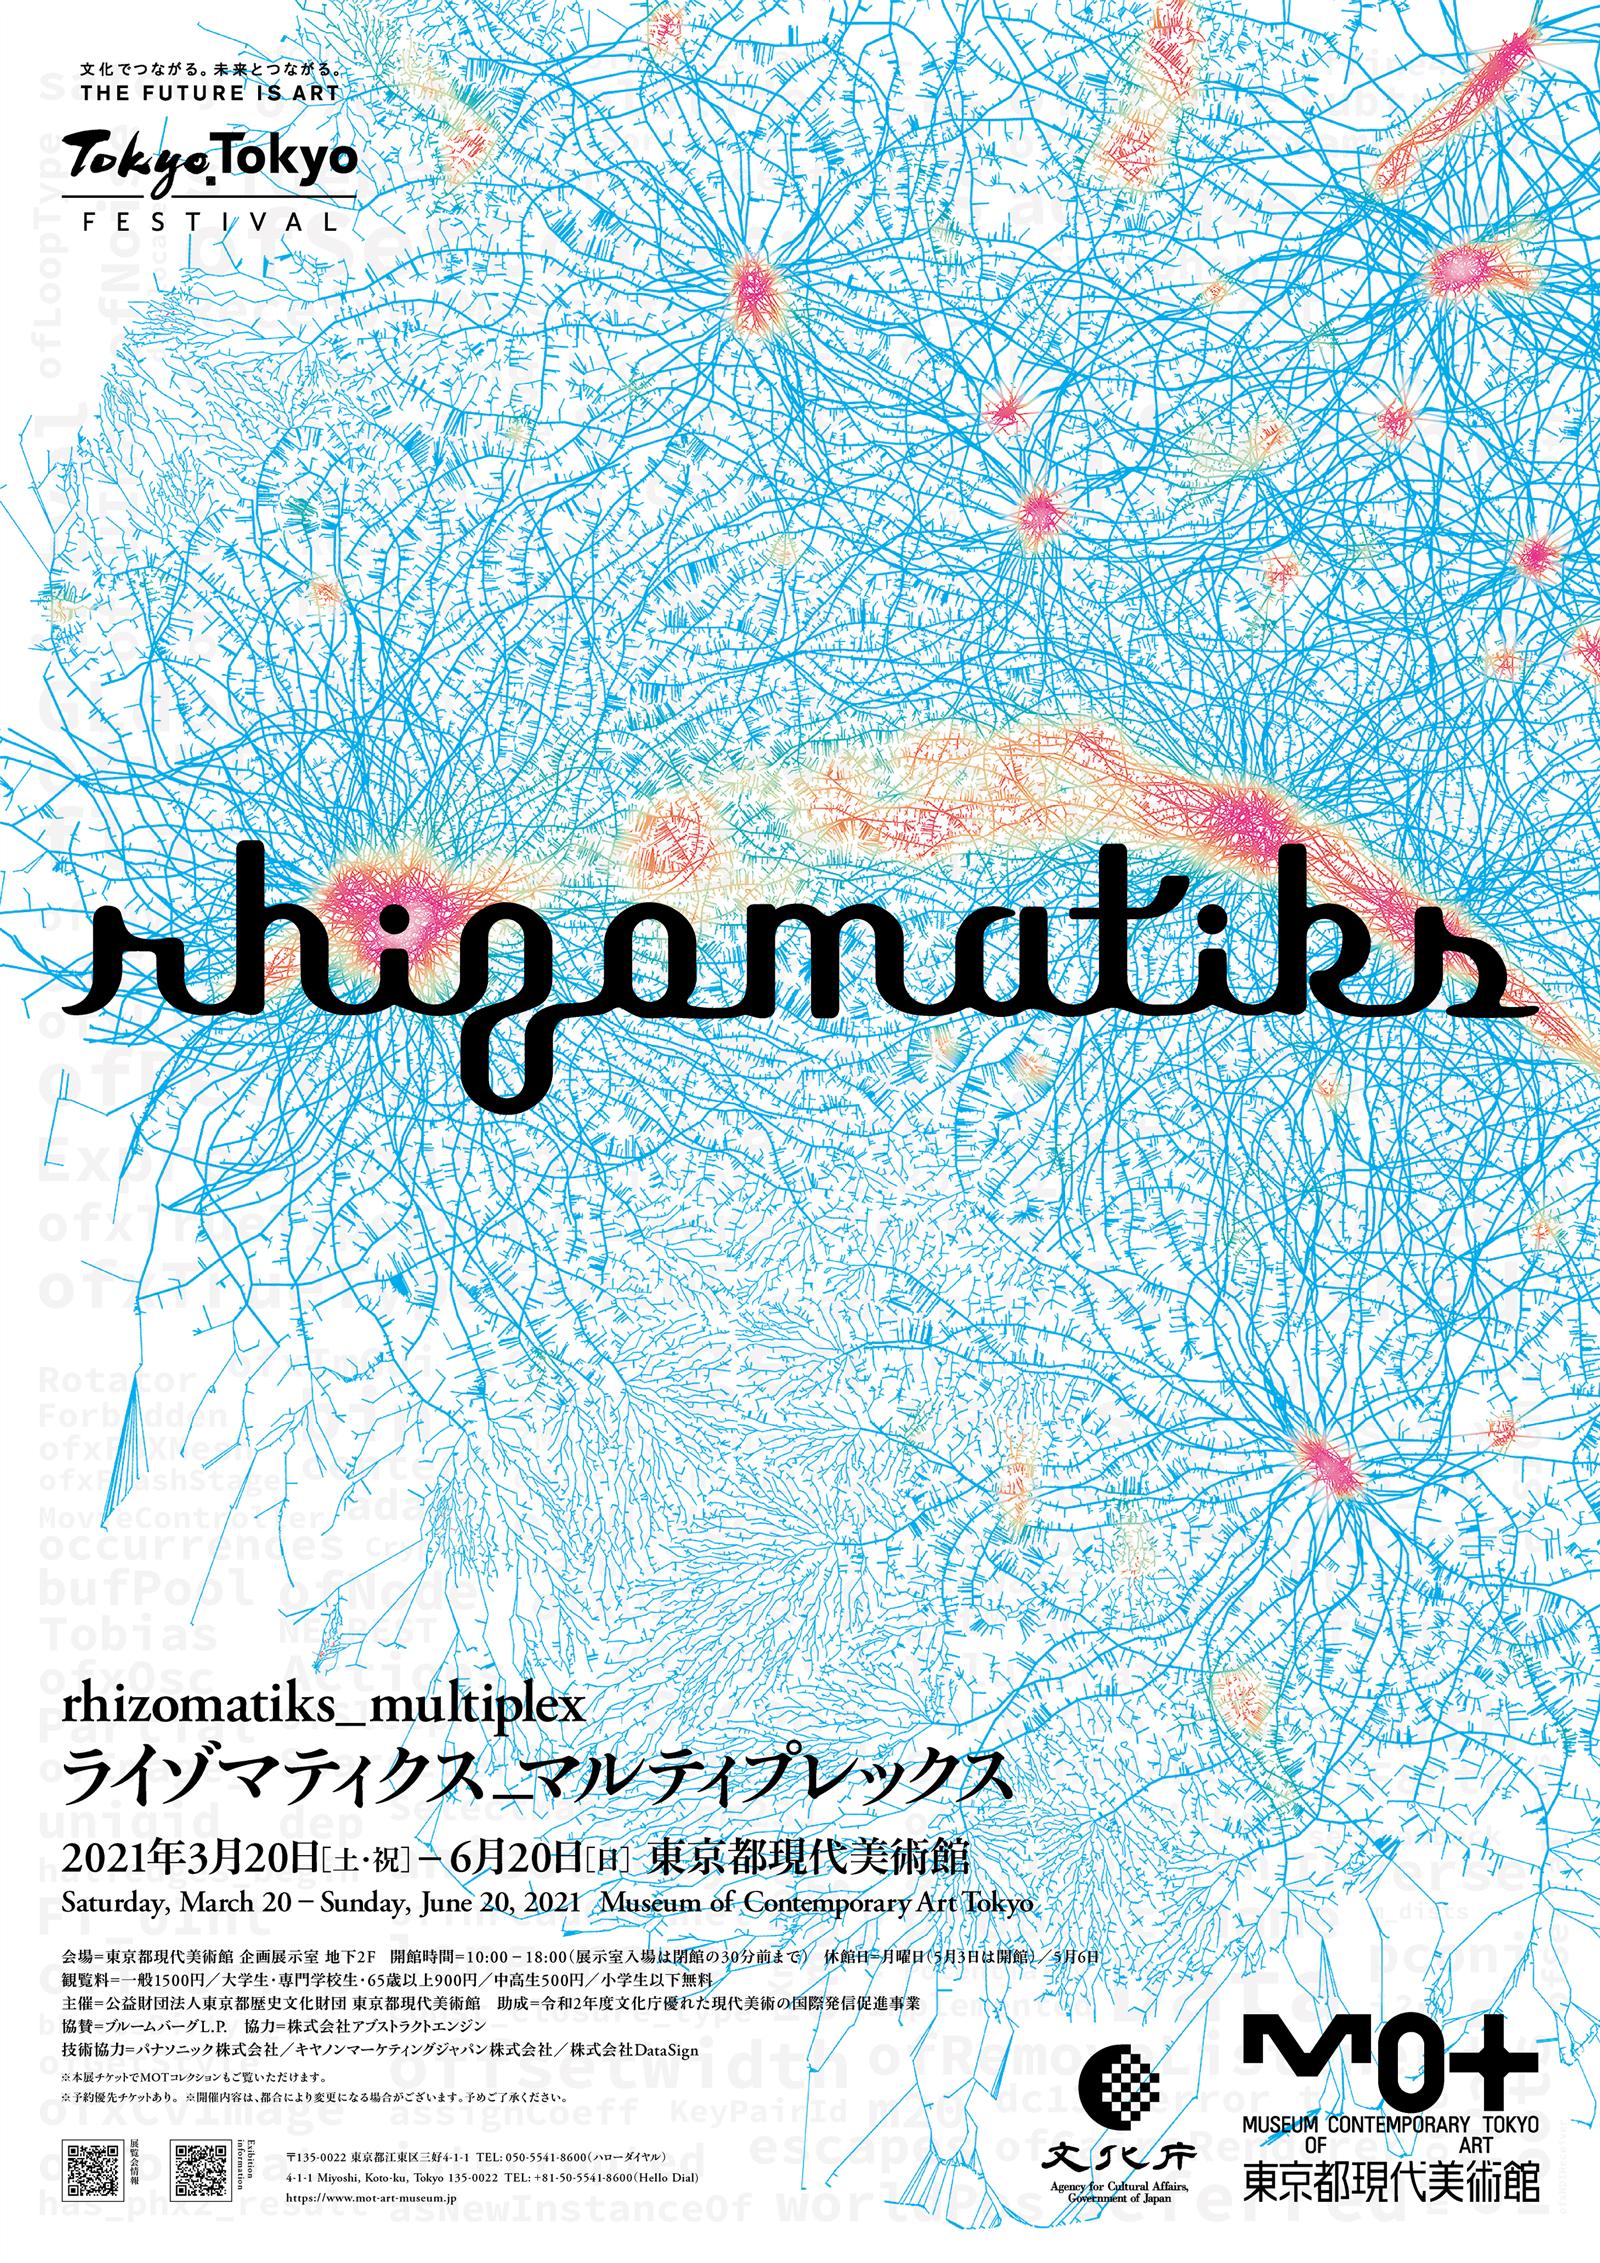 ライゾマティクス_マルティプレックス(木村浩康ほか)